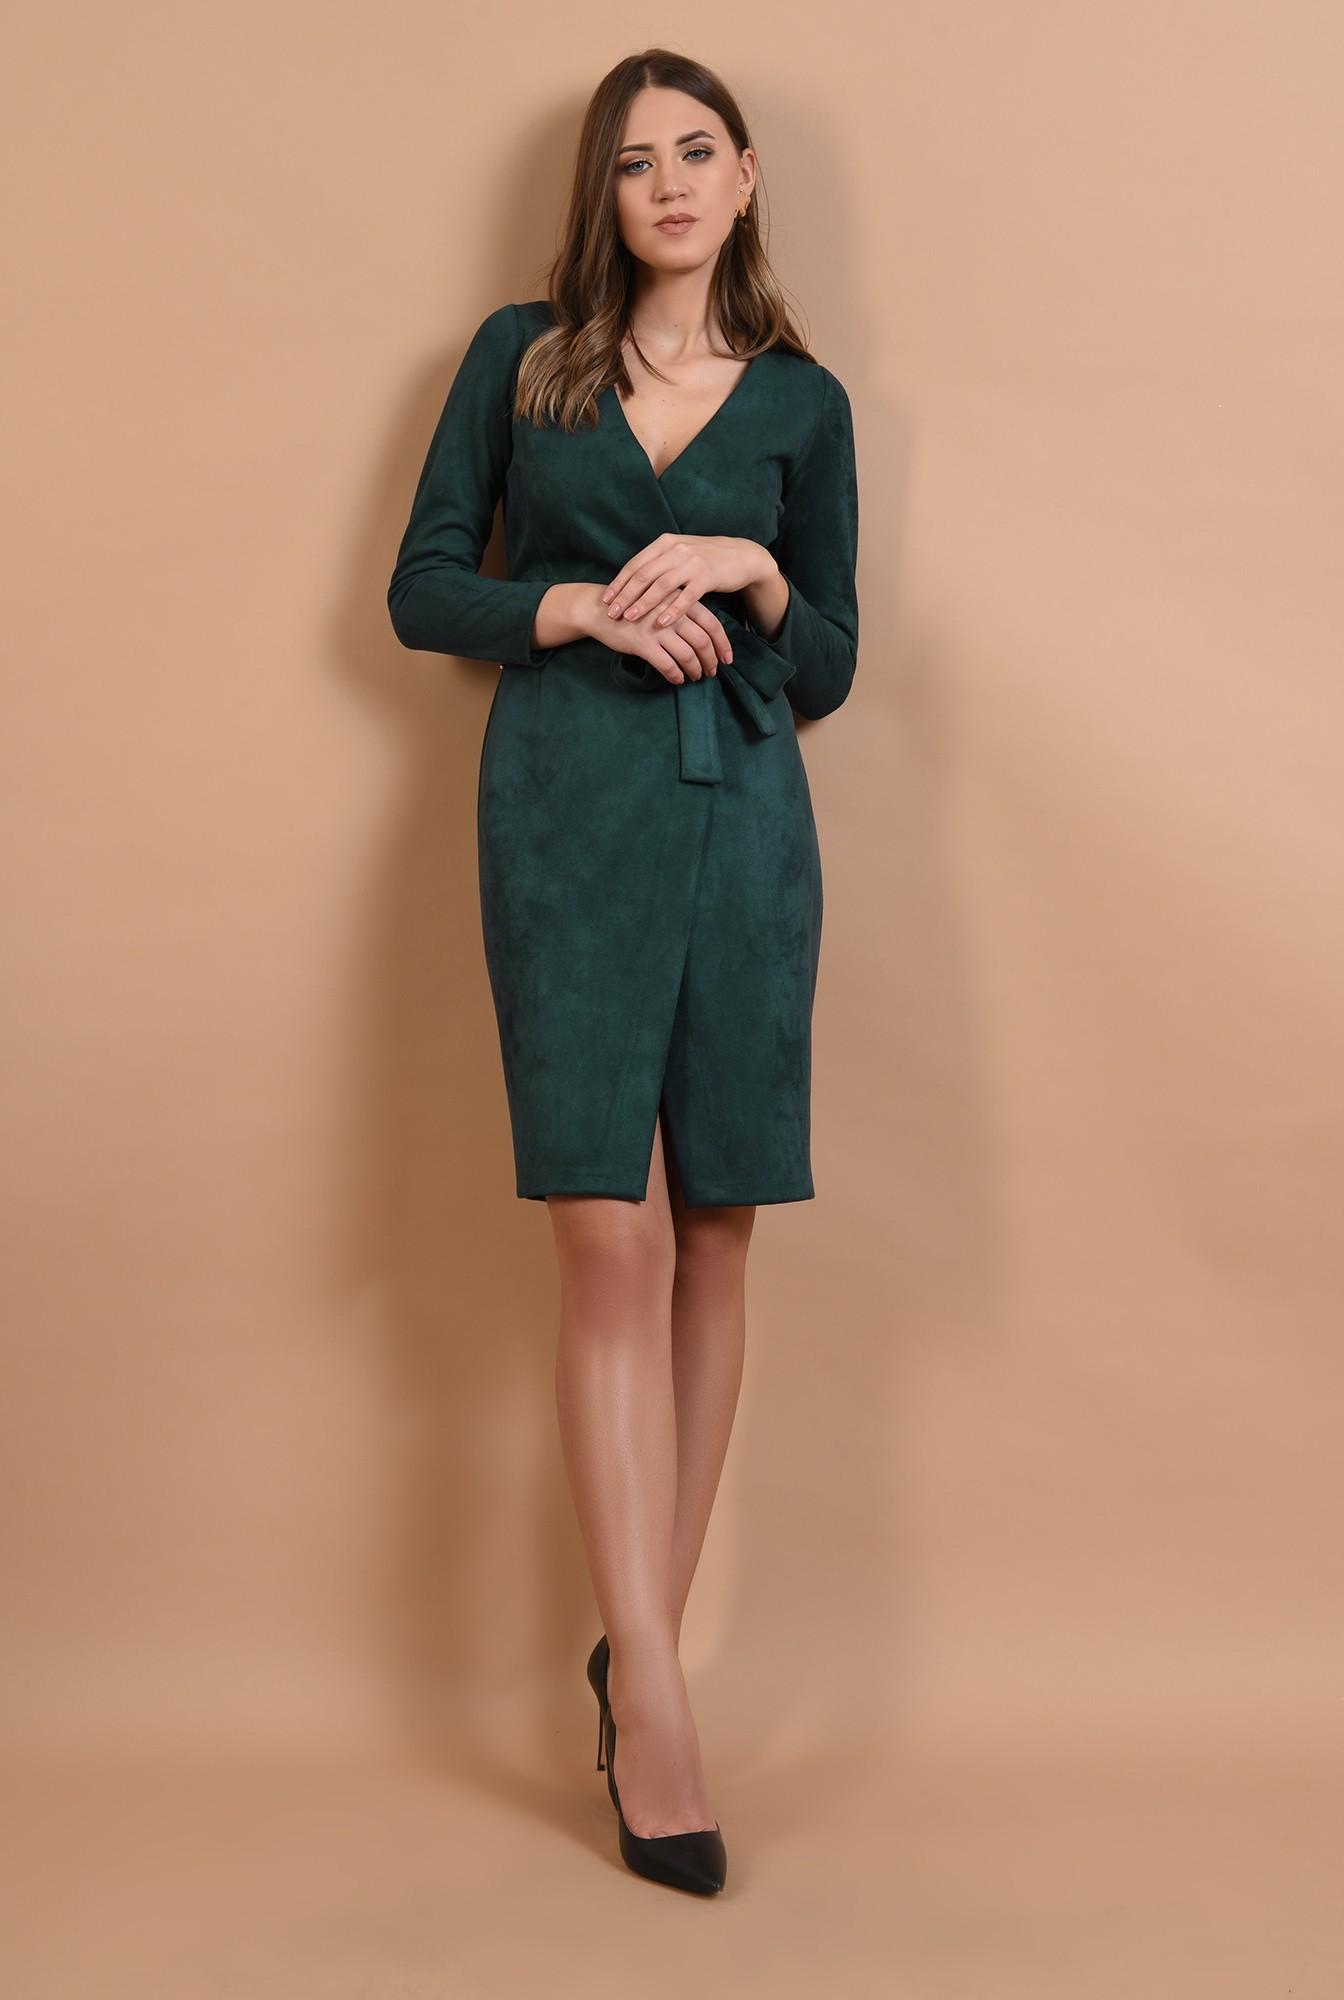 0 - rochie casual, piele intoarsa, midi, petrecuta, cordon